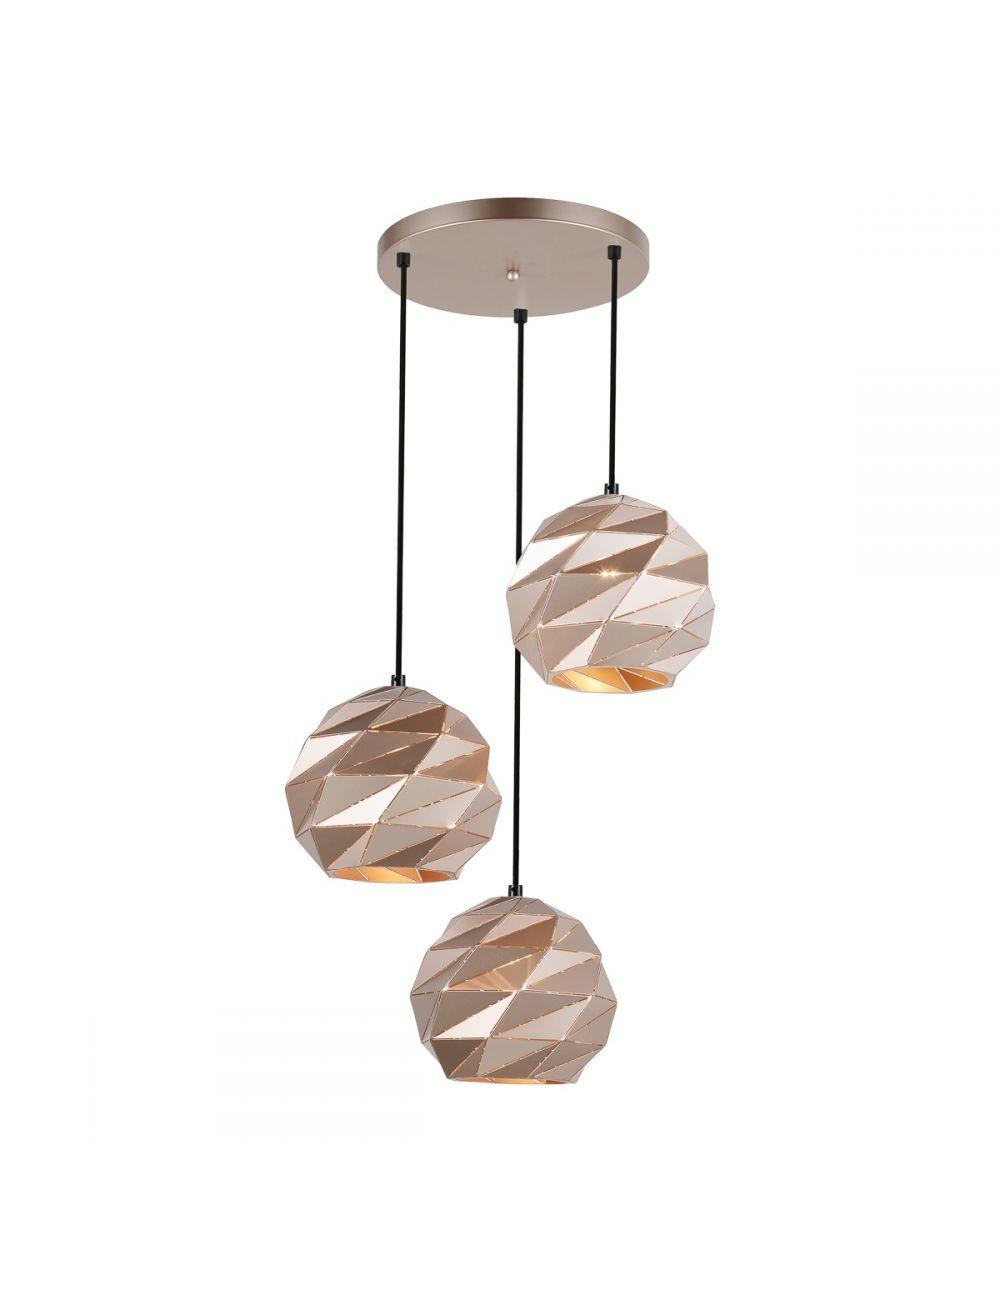 Lampa wisząca potrójna metalowa złota kula geometryczna Palermo PND-2424-3S-GD